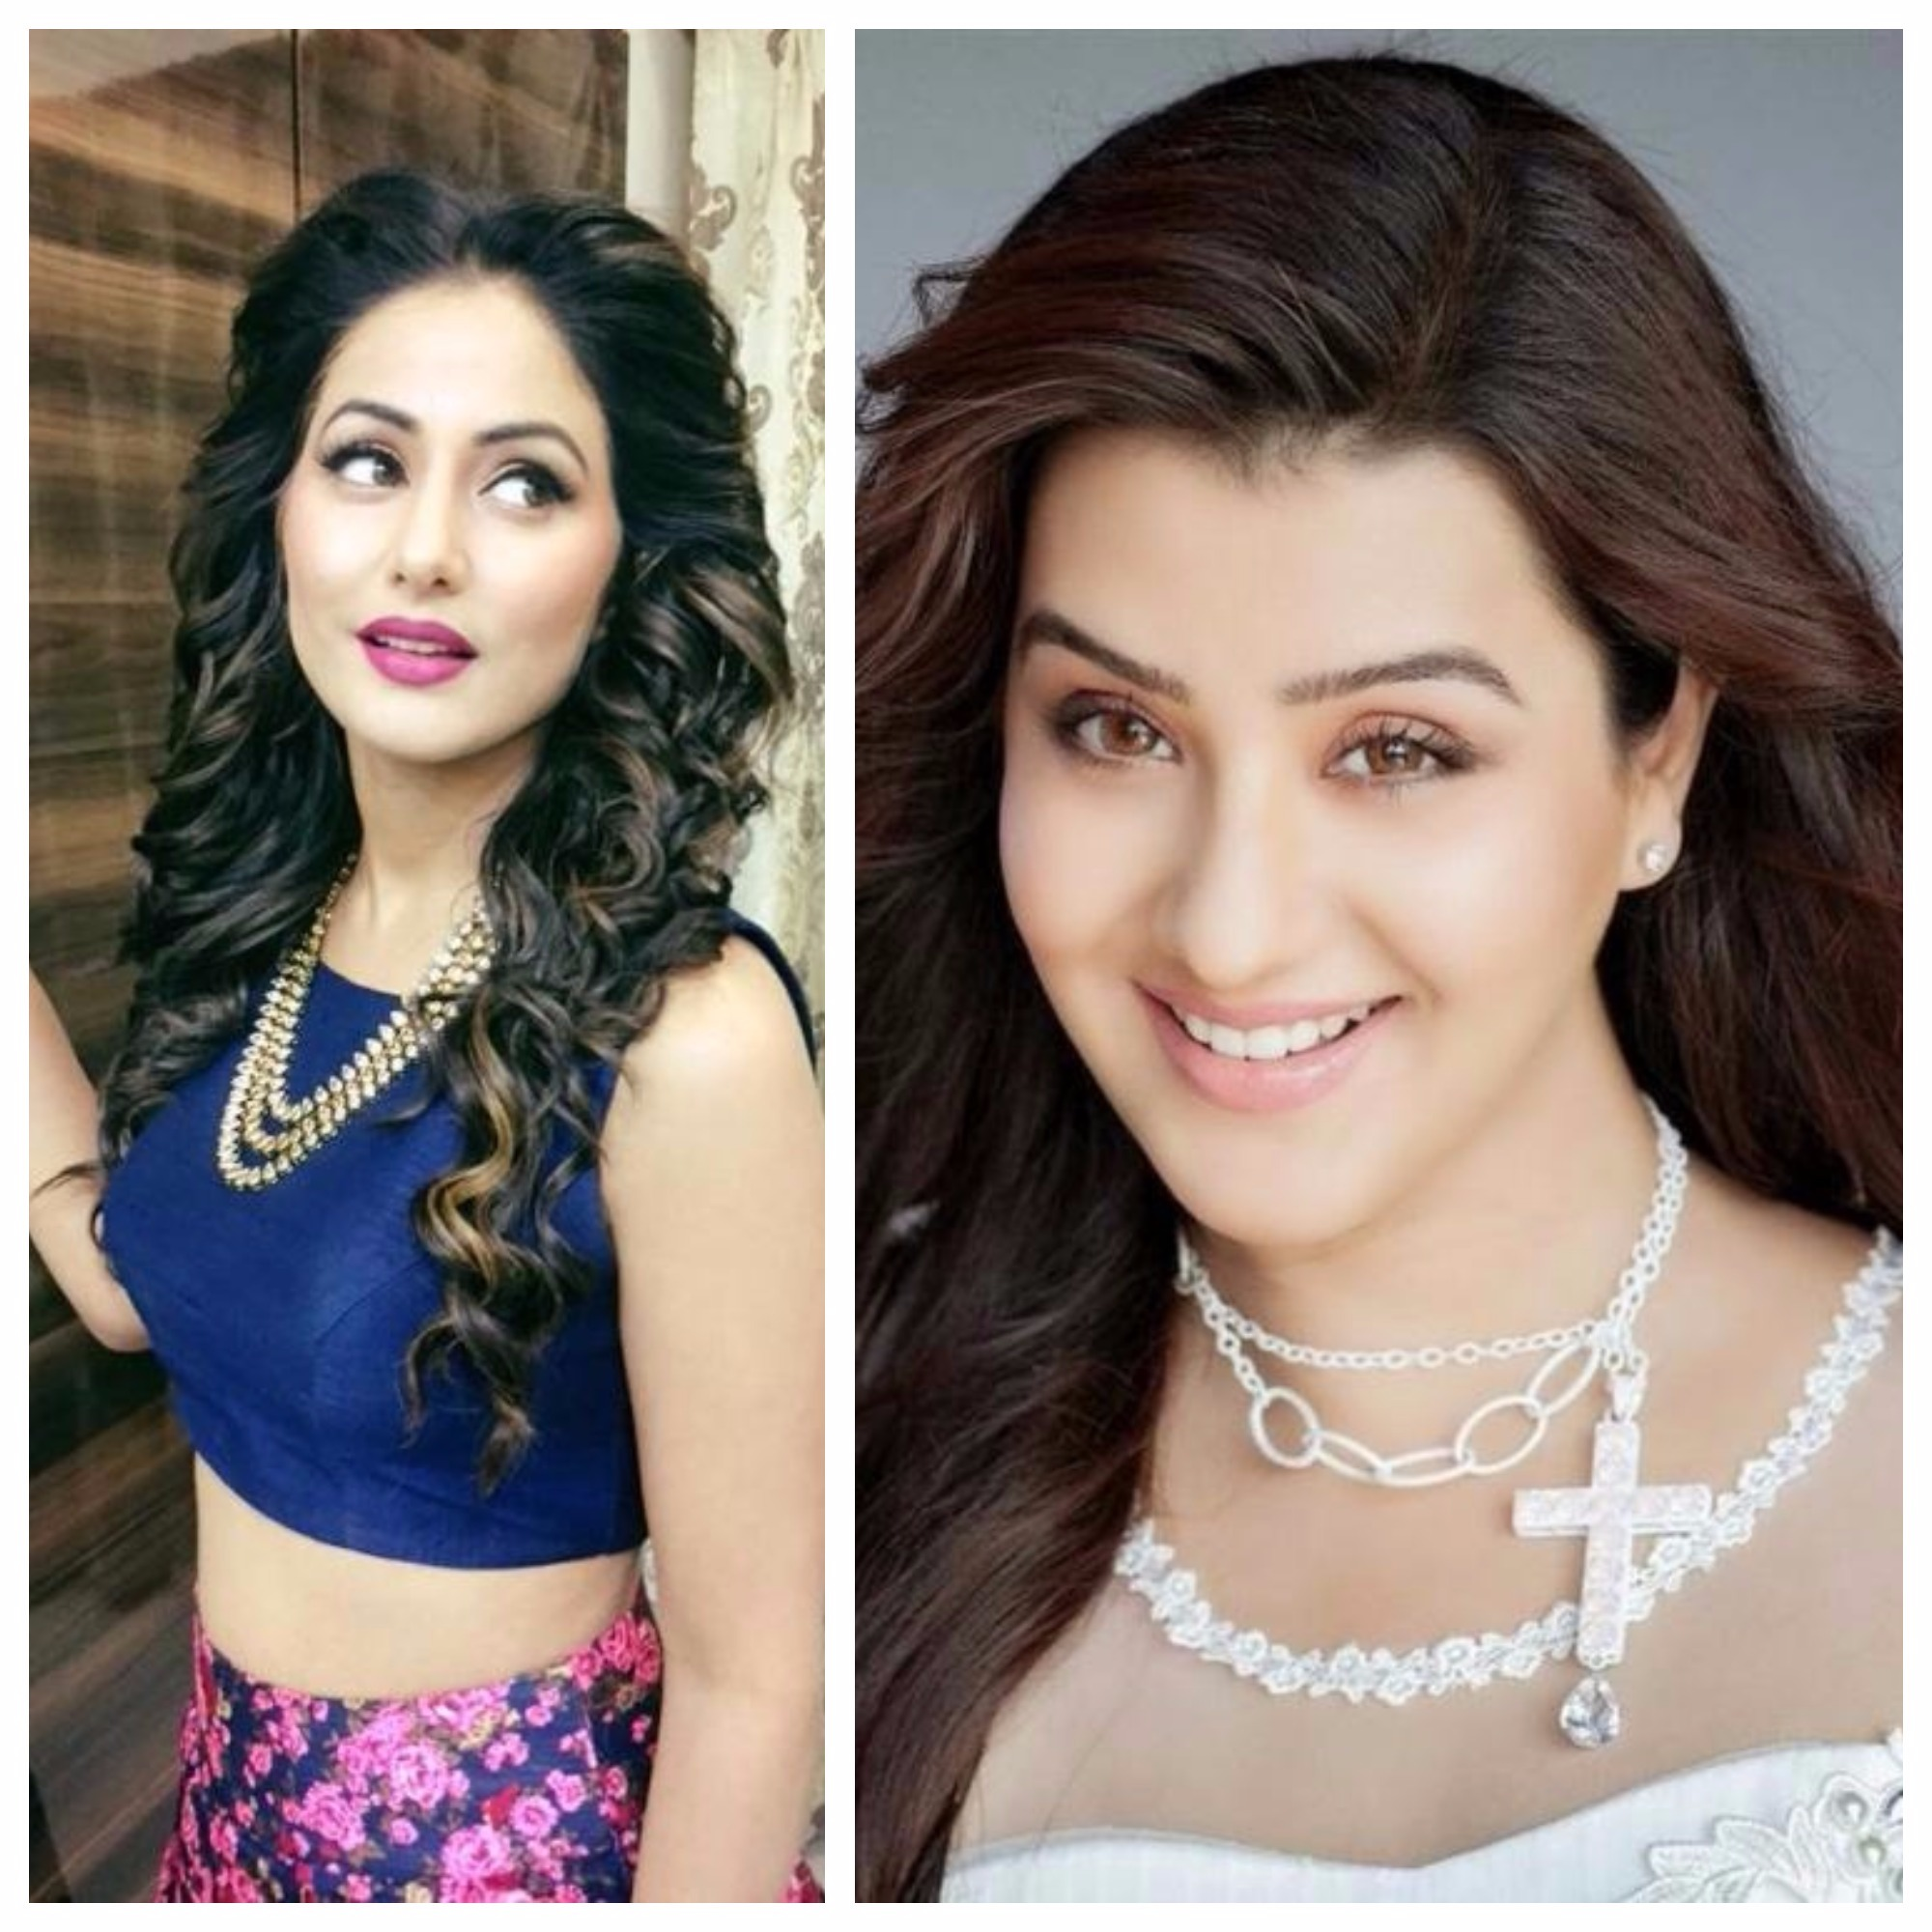 Bigg Boss 11: इस बात को लेकर आपस में भीड़ गयी हिना खान और शिल्पा शिंदे, घर में मच गया बवाल